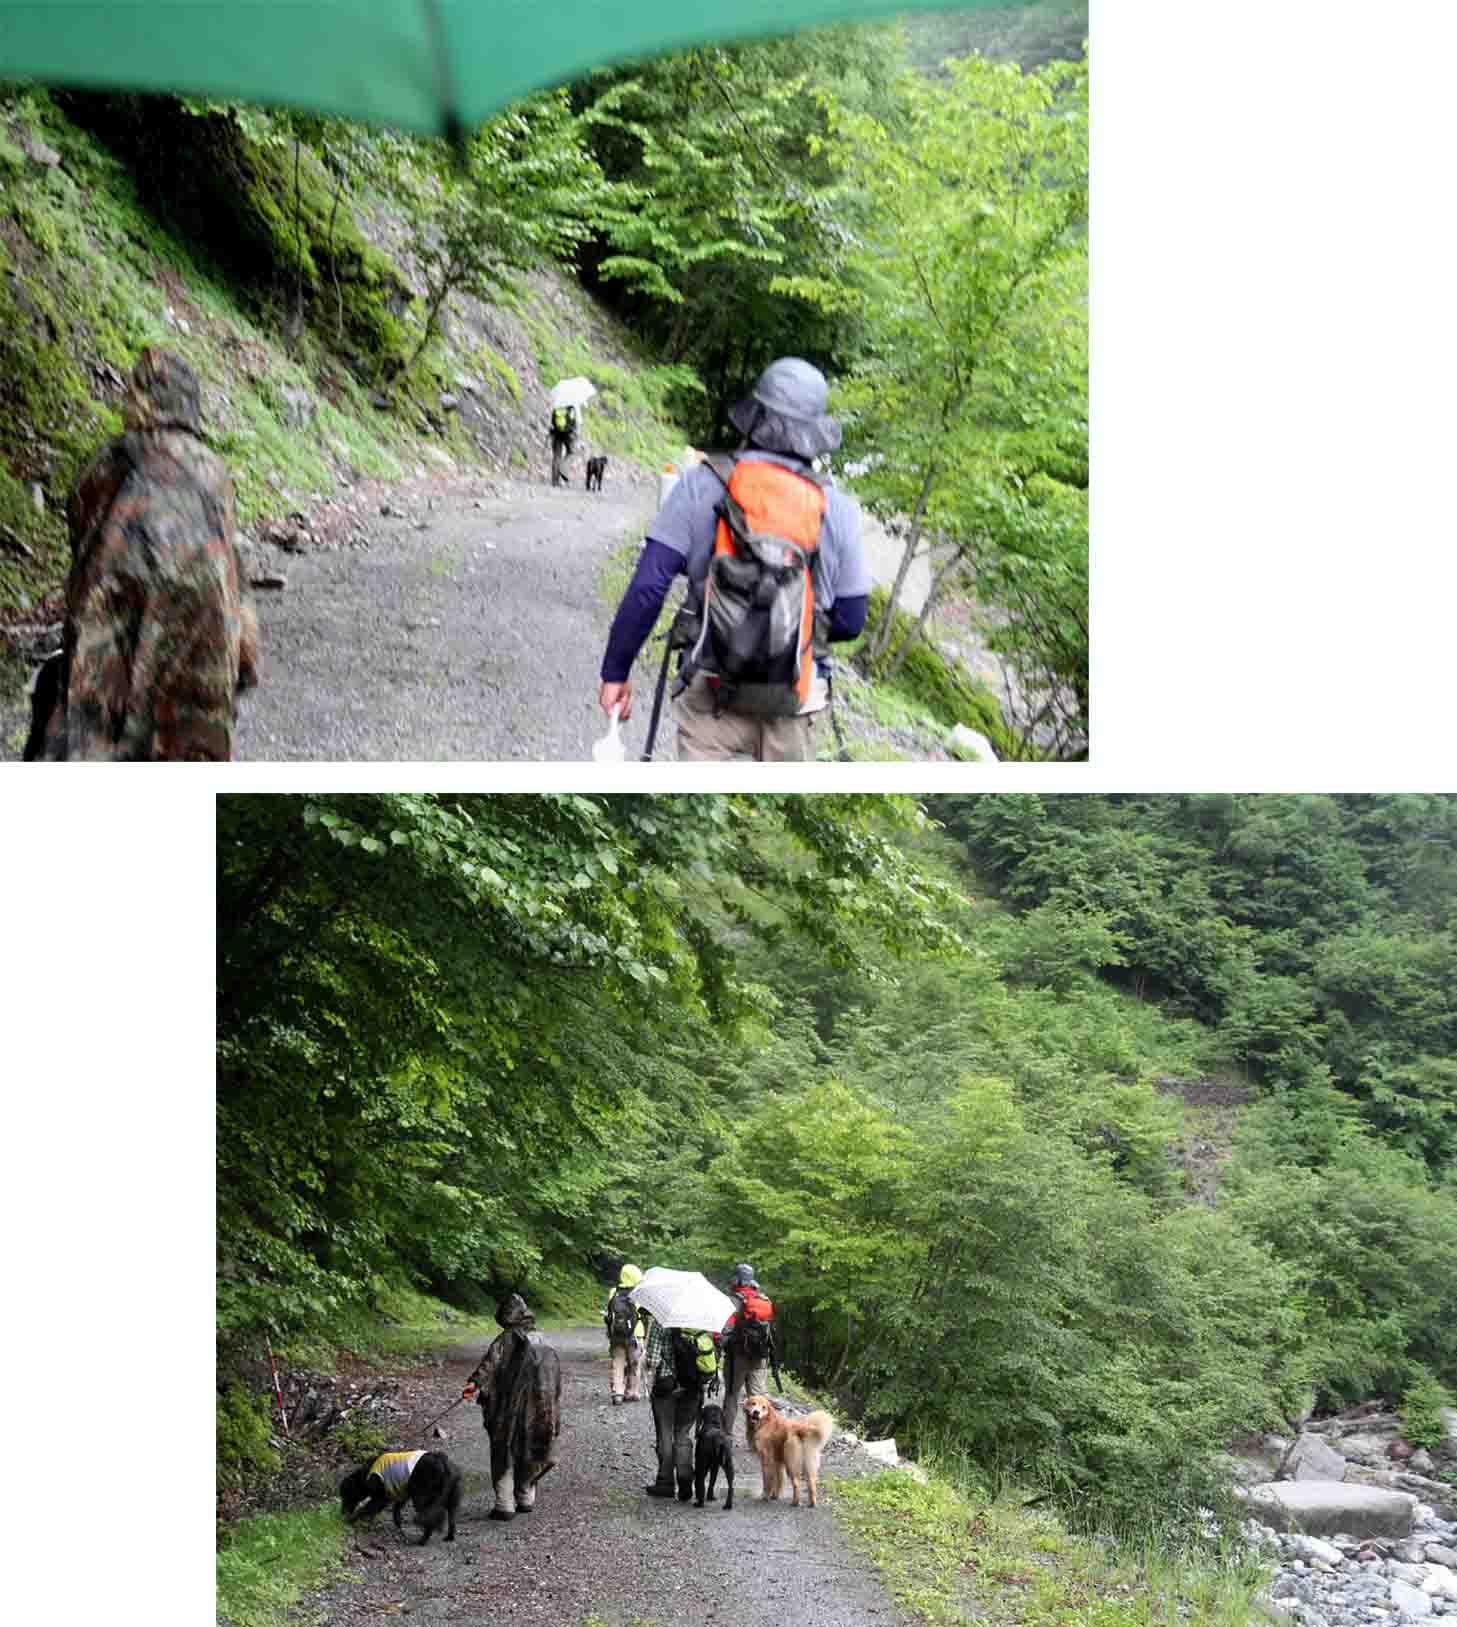 三峰川 7月14日 俄か雨の帰路(1)